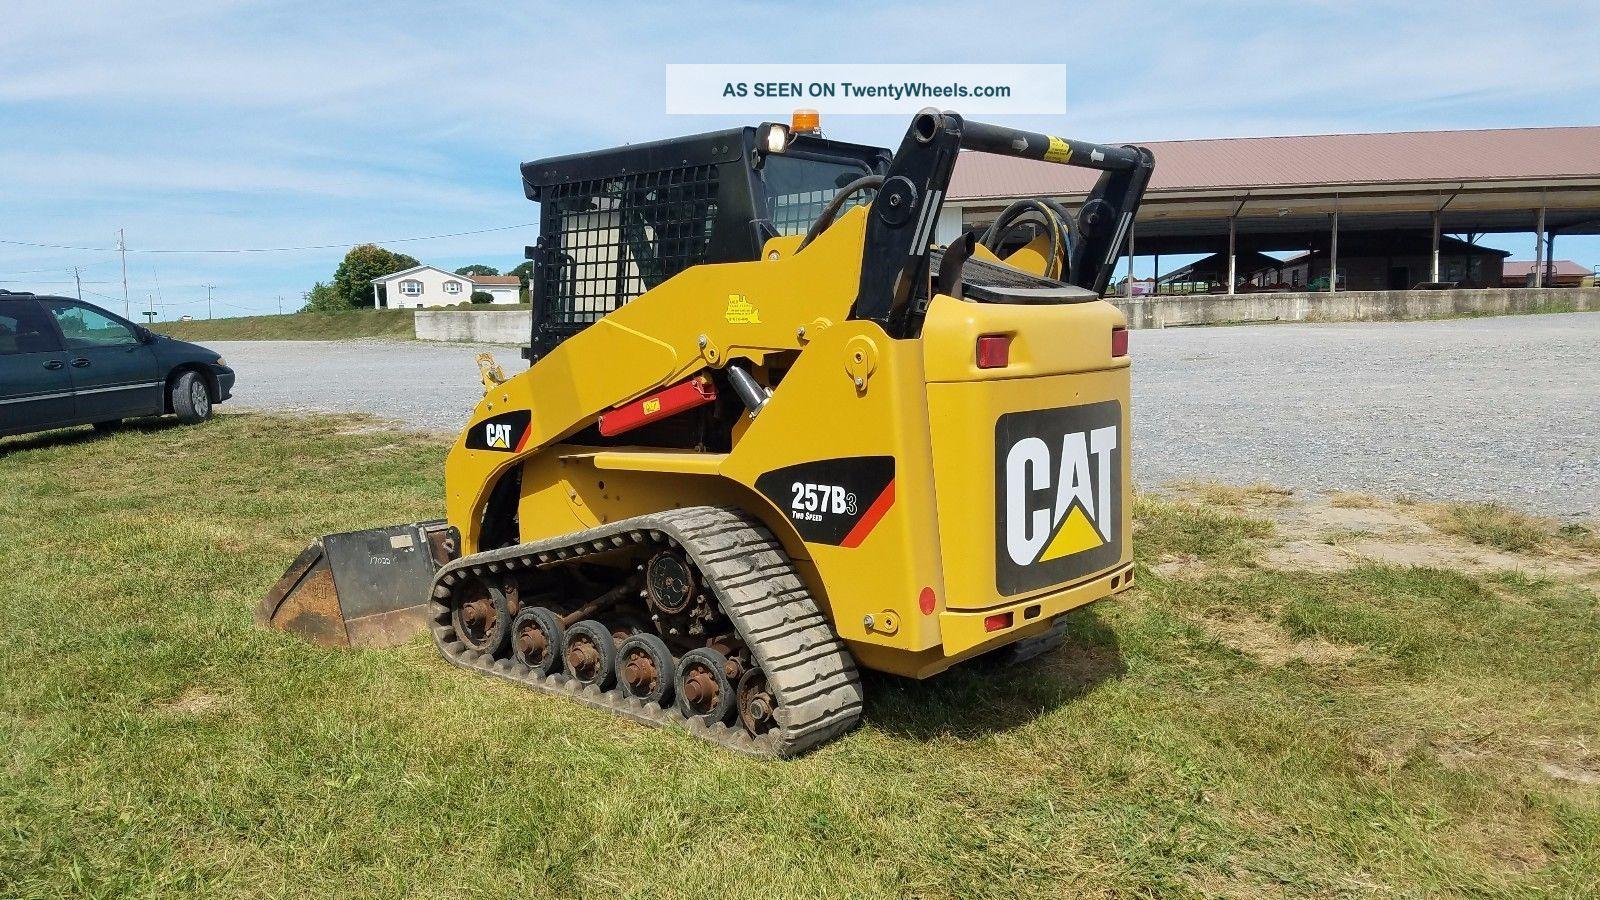 Track Skid Steer Loader : Caterpillar b compact track skid steer loader cab